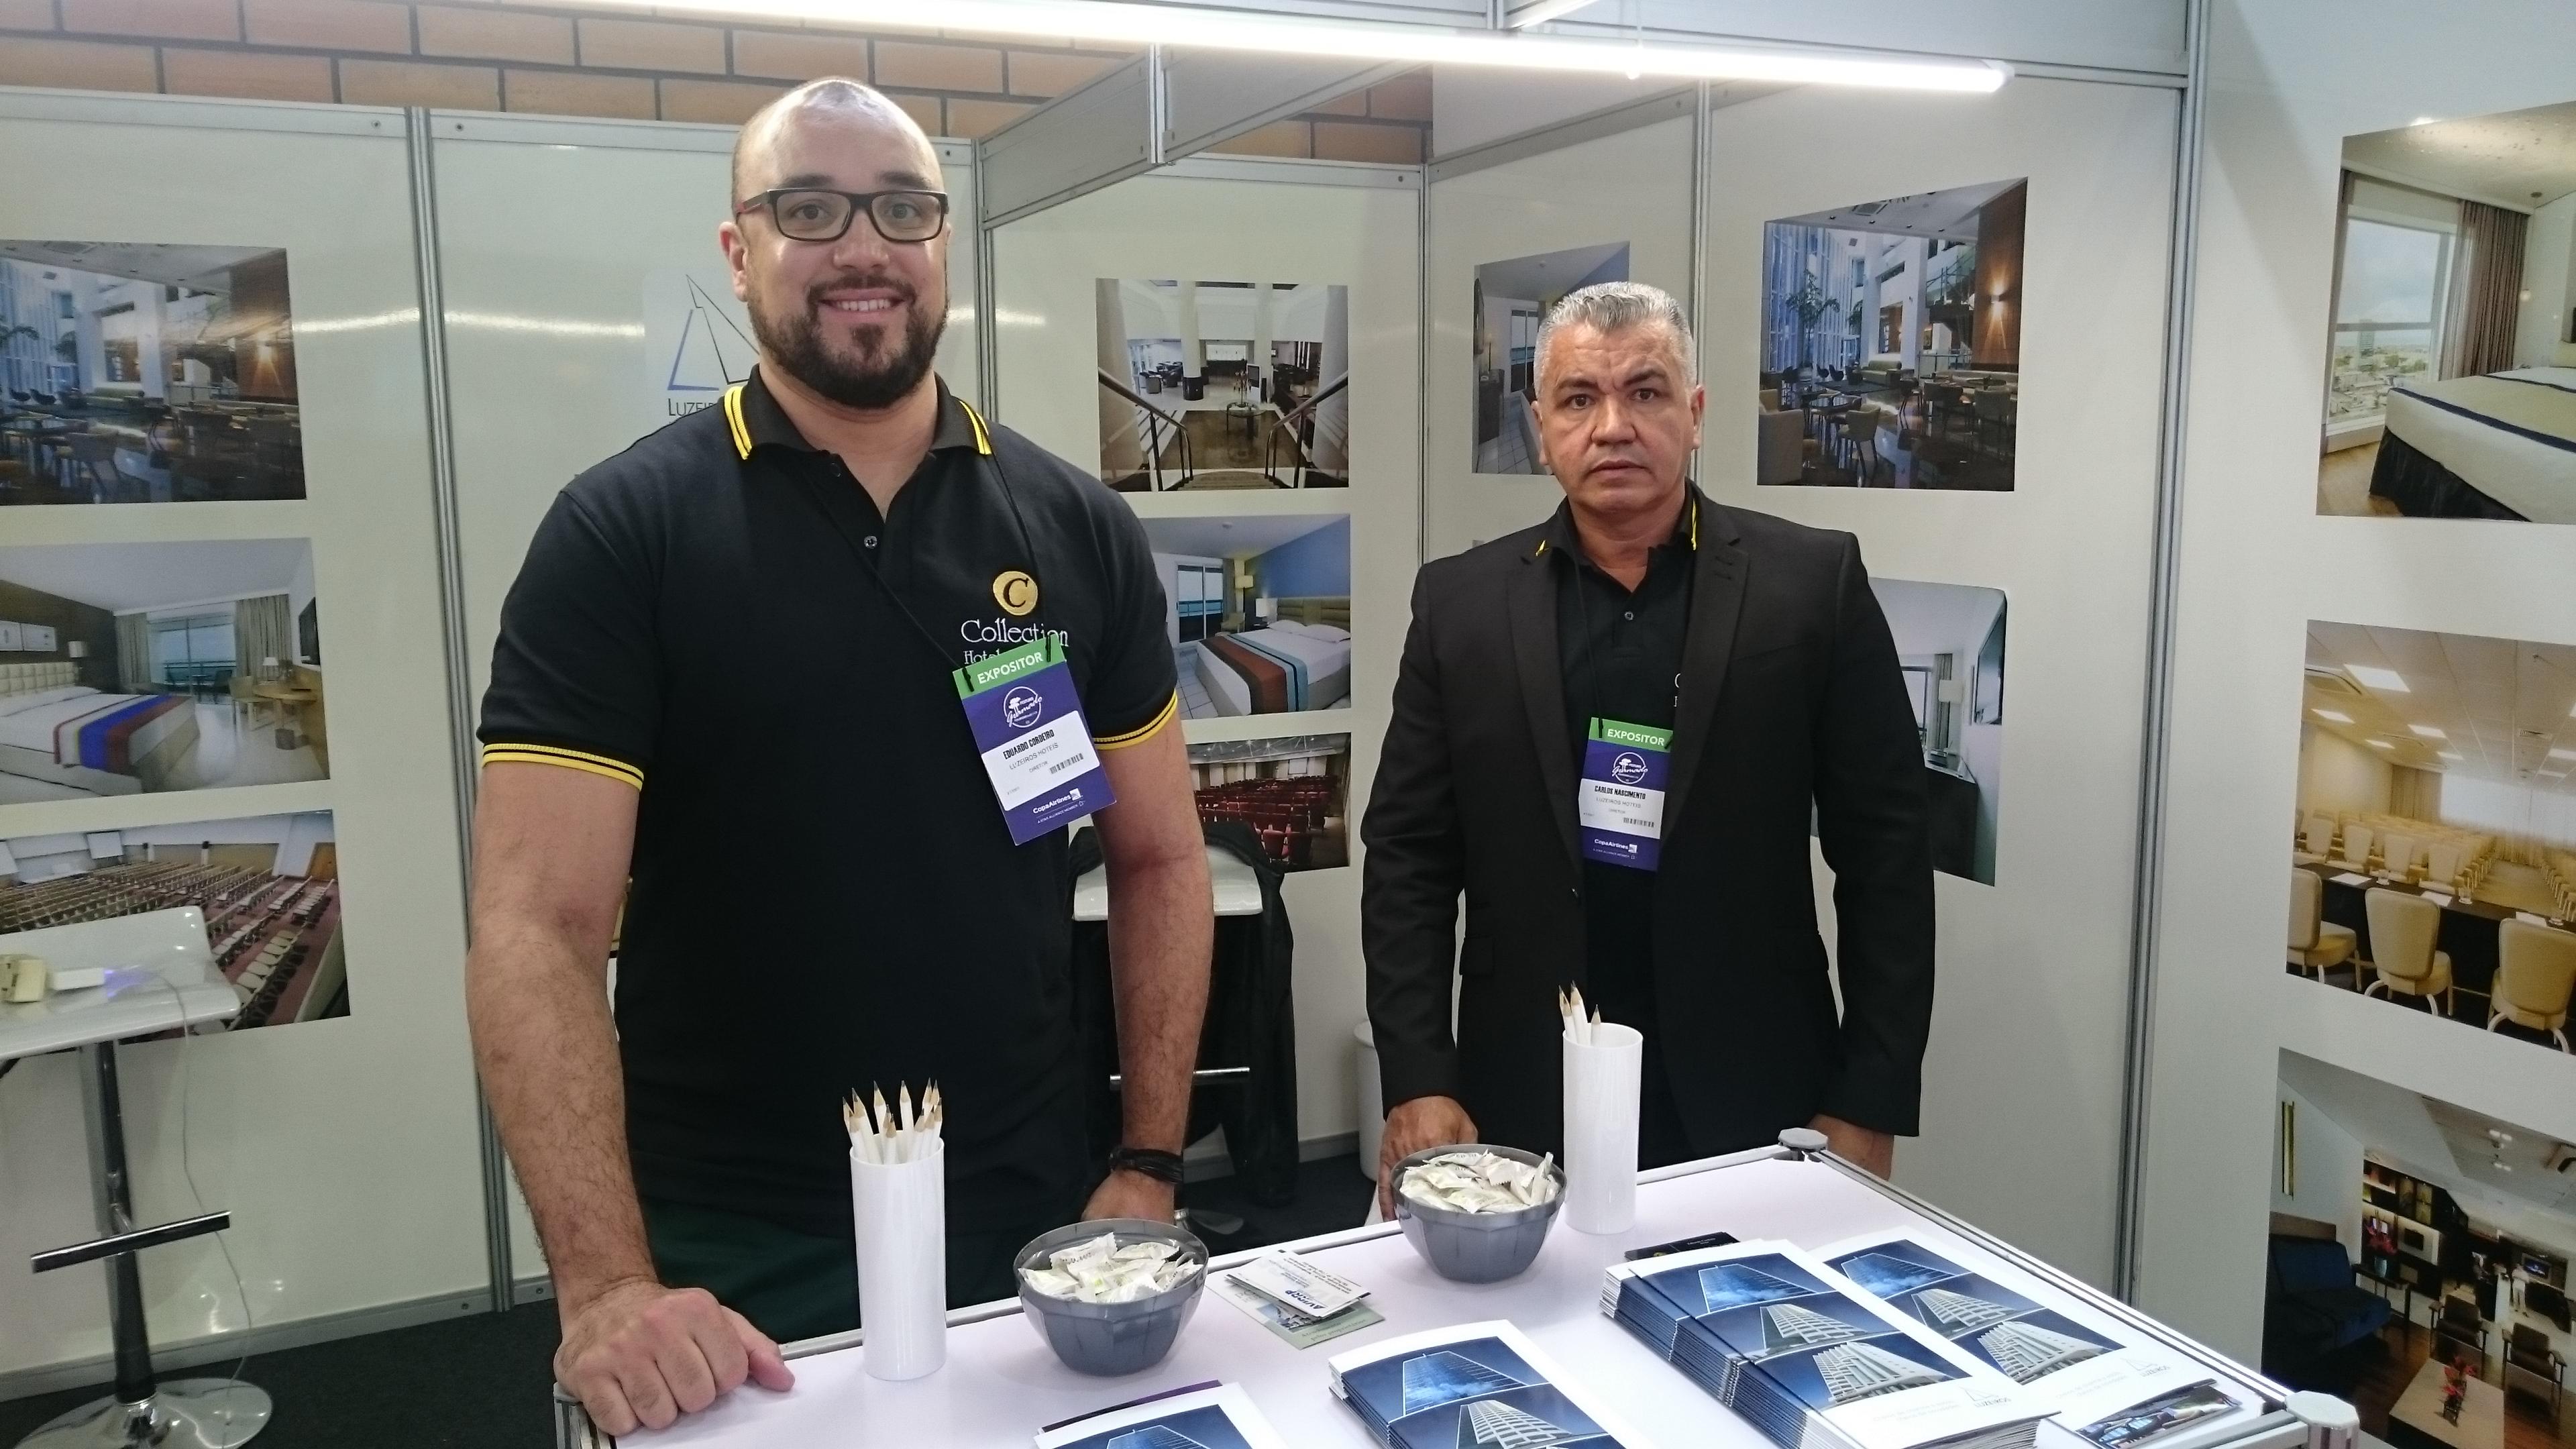 Eduardo Cordeiro e Carlos Nascimento, da Luzeiros hotéis Hotel